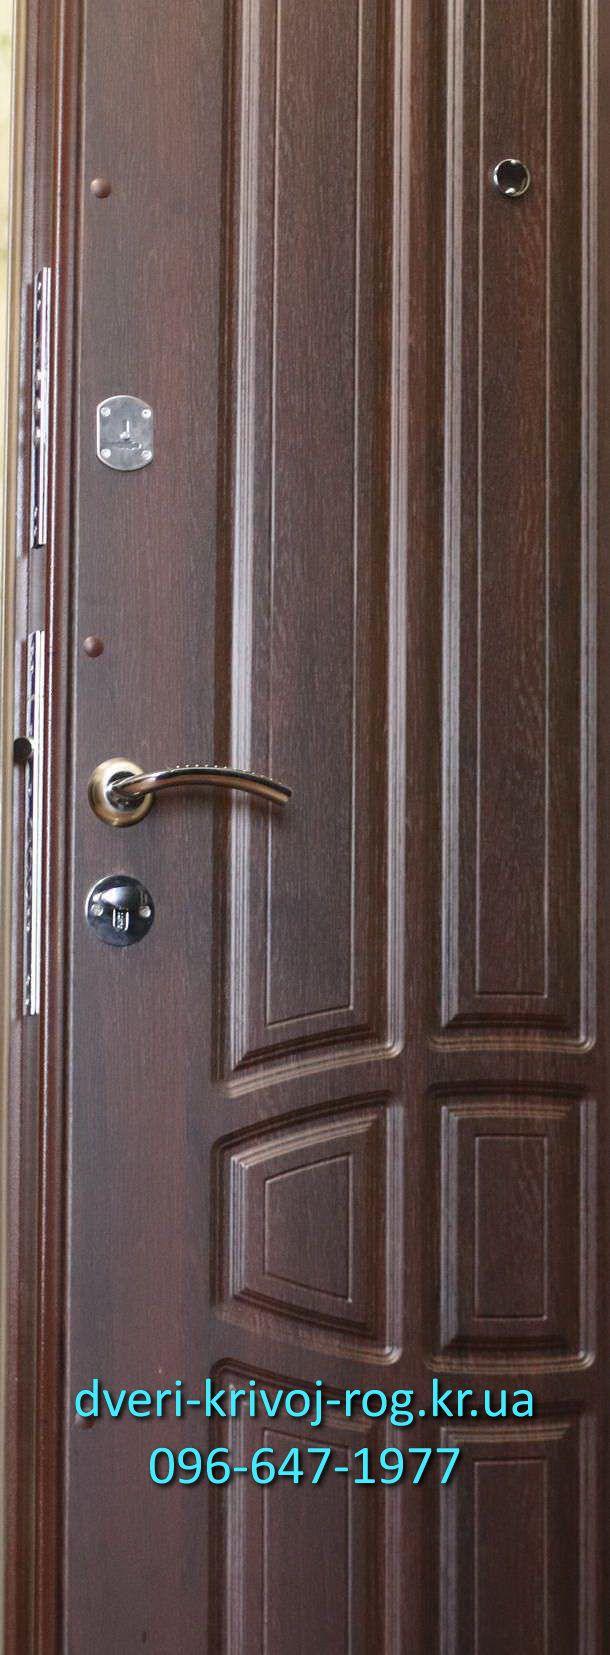 Стоимость входной двери в Кривом Роге